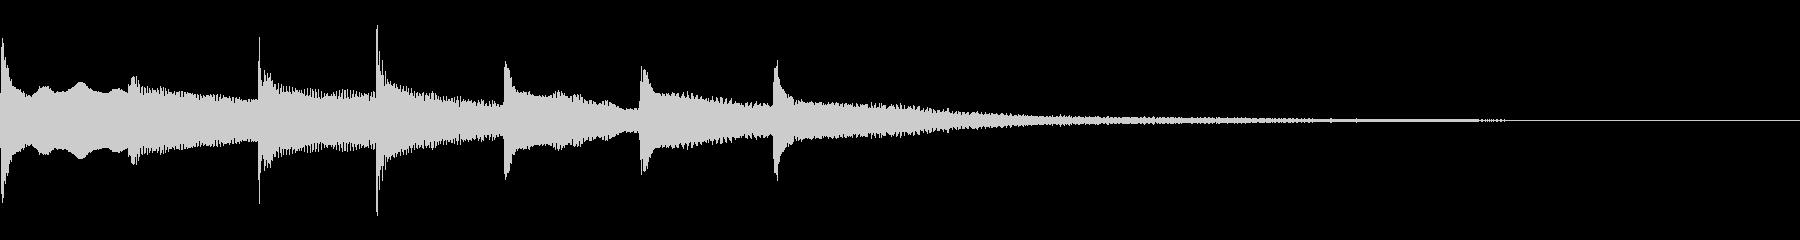 優しいピアノアルペジオ ジングルの未再生の波形